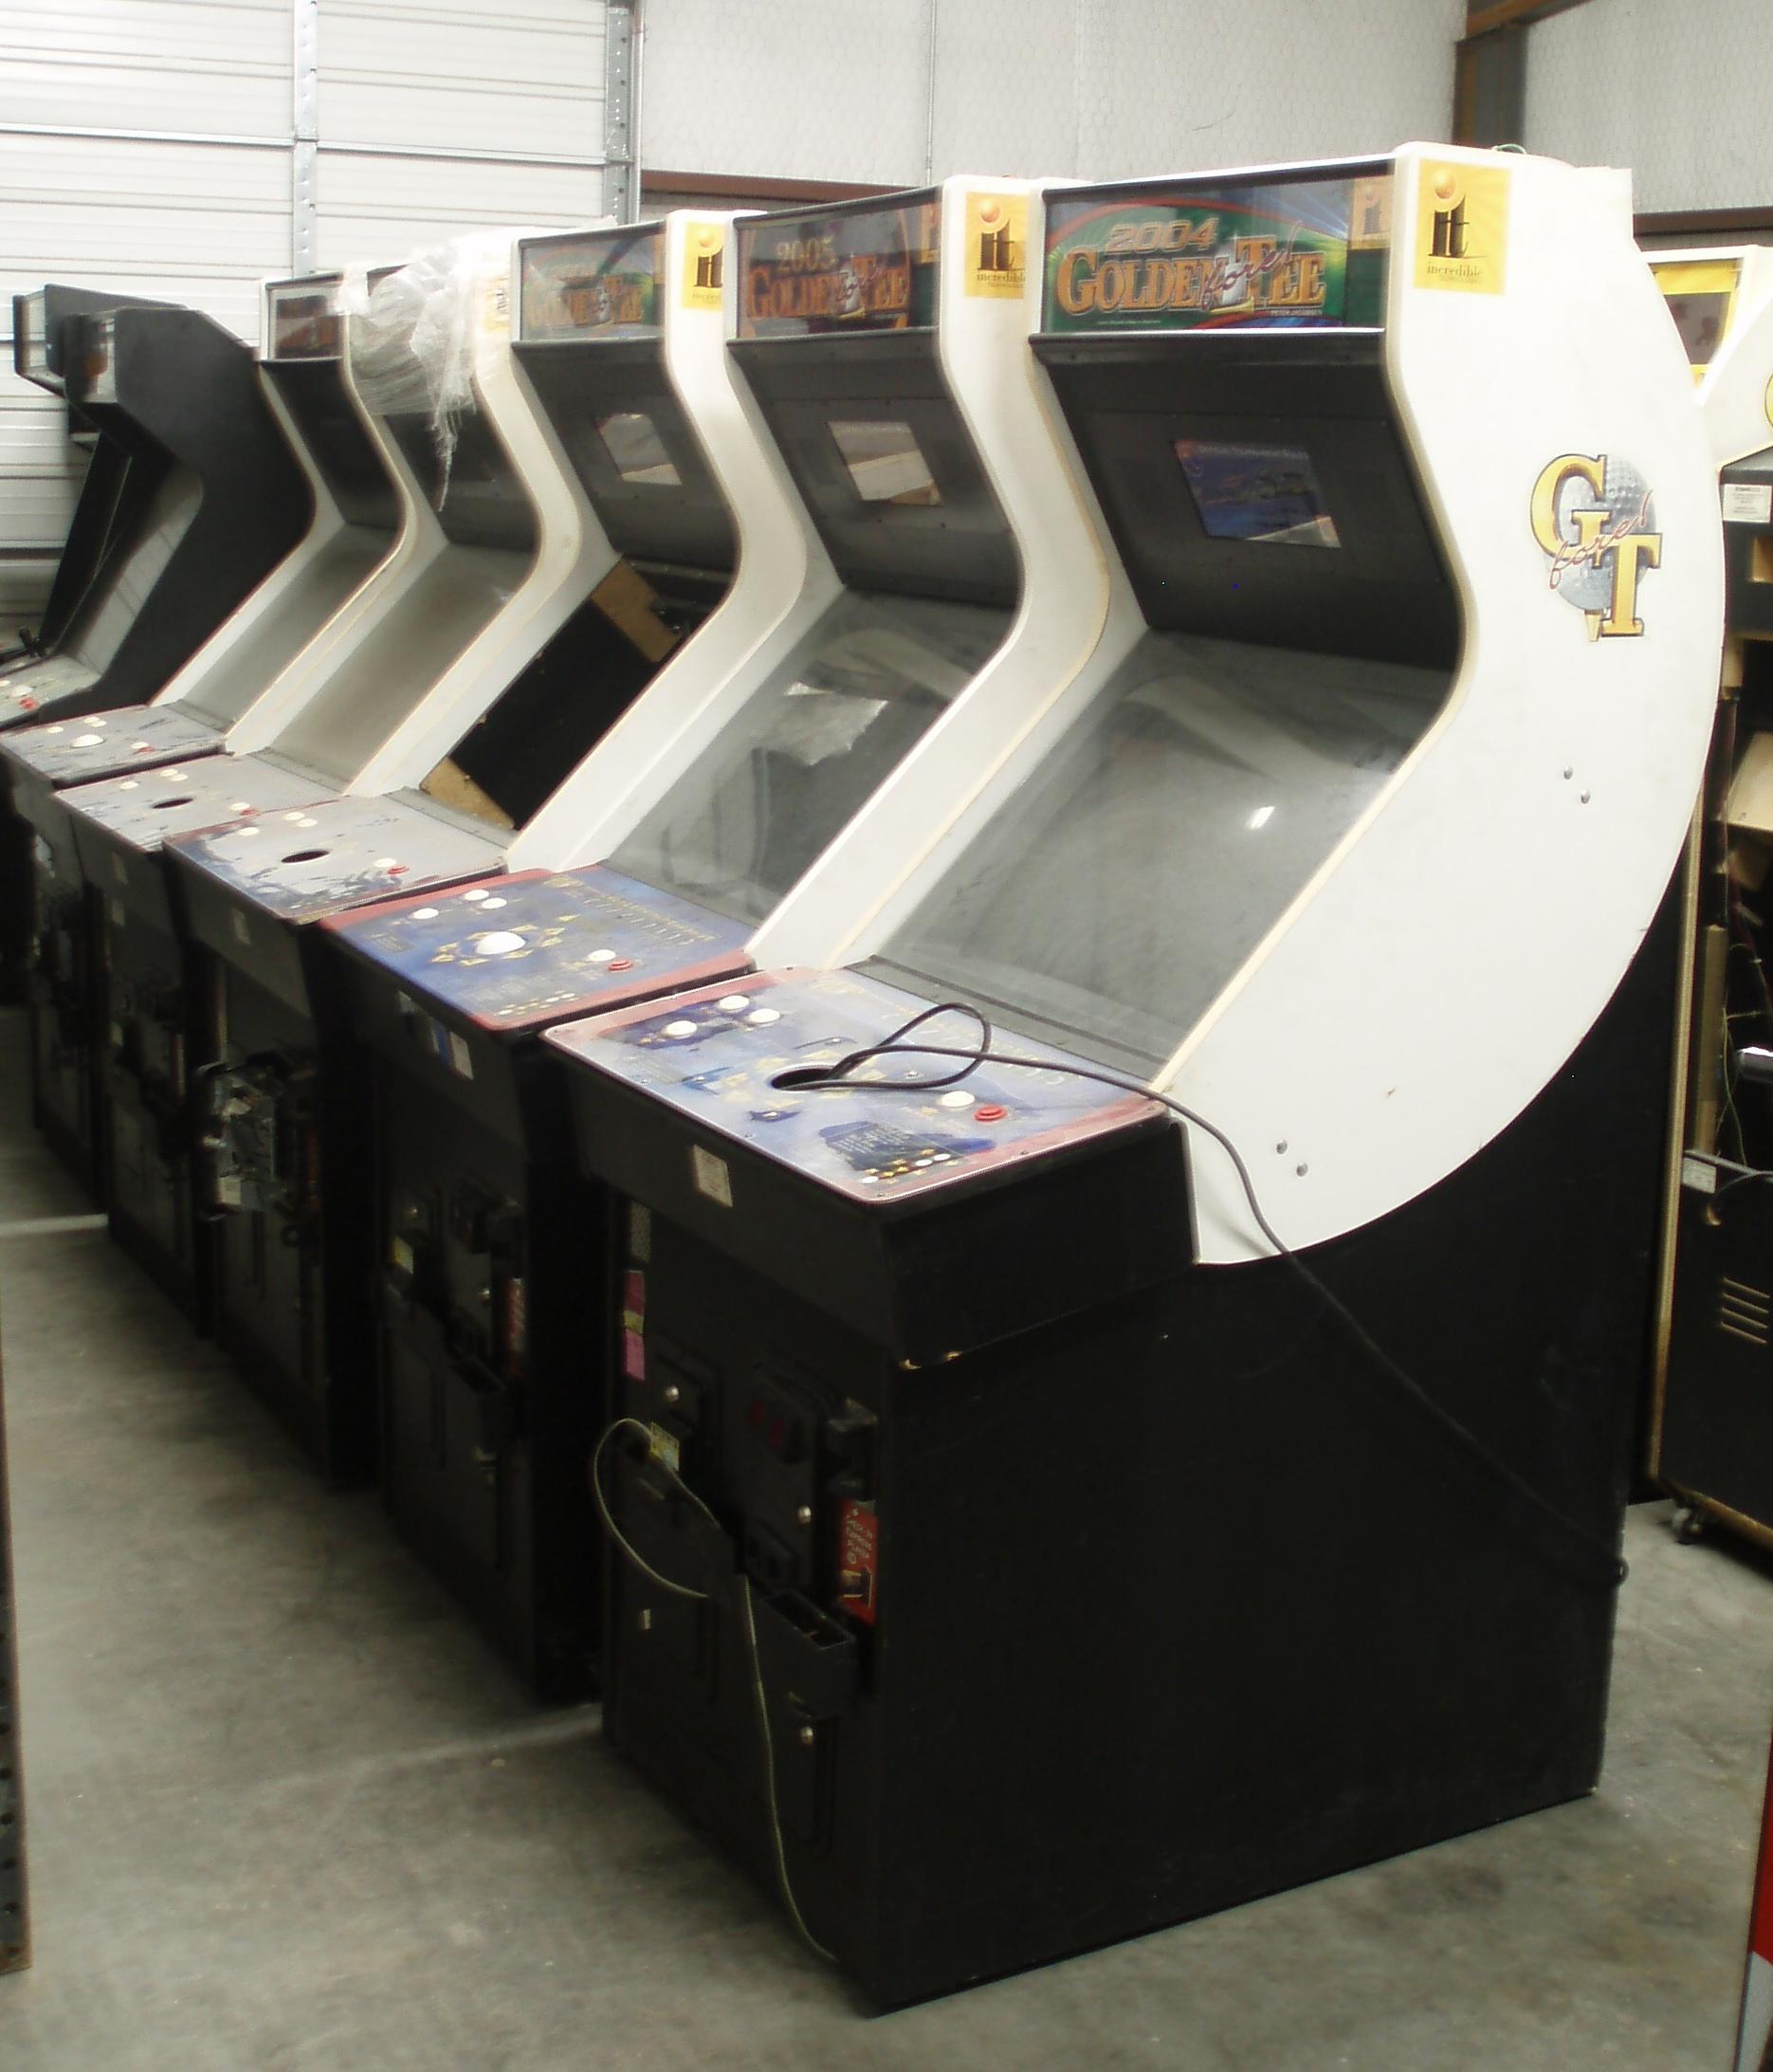 Golden Tee Golf Arcade Video Game Machine - AceAmusements us